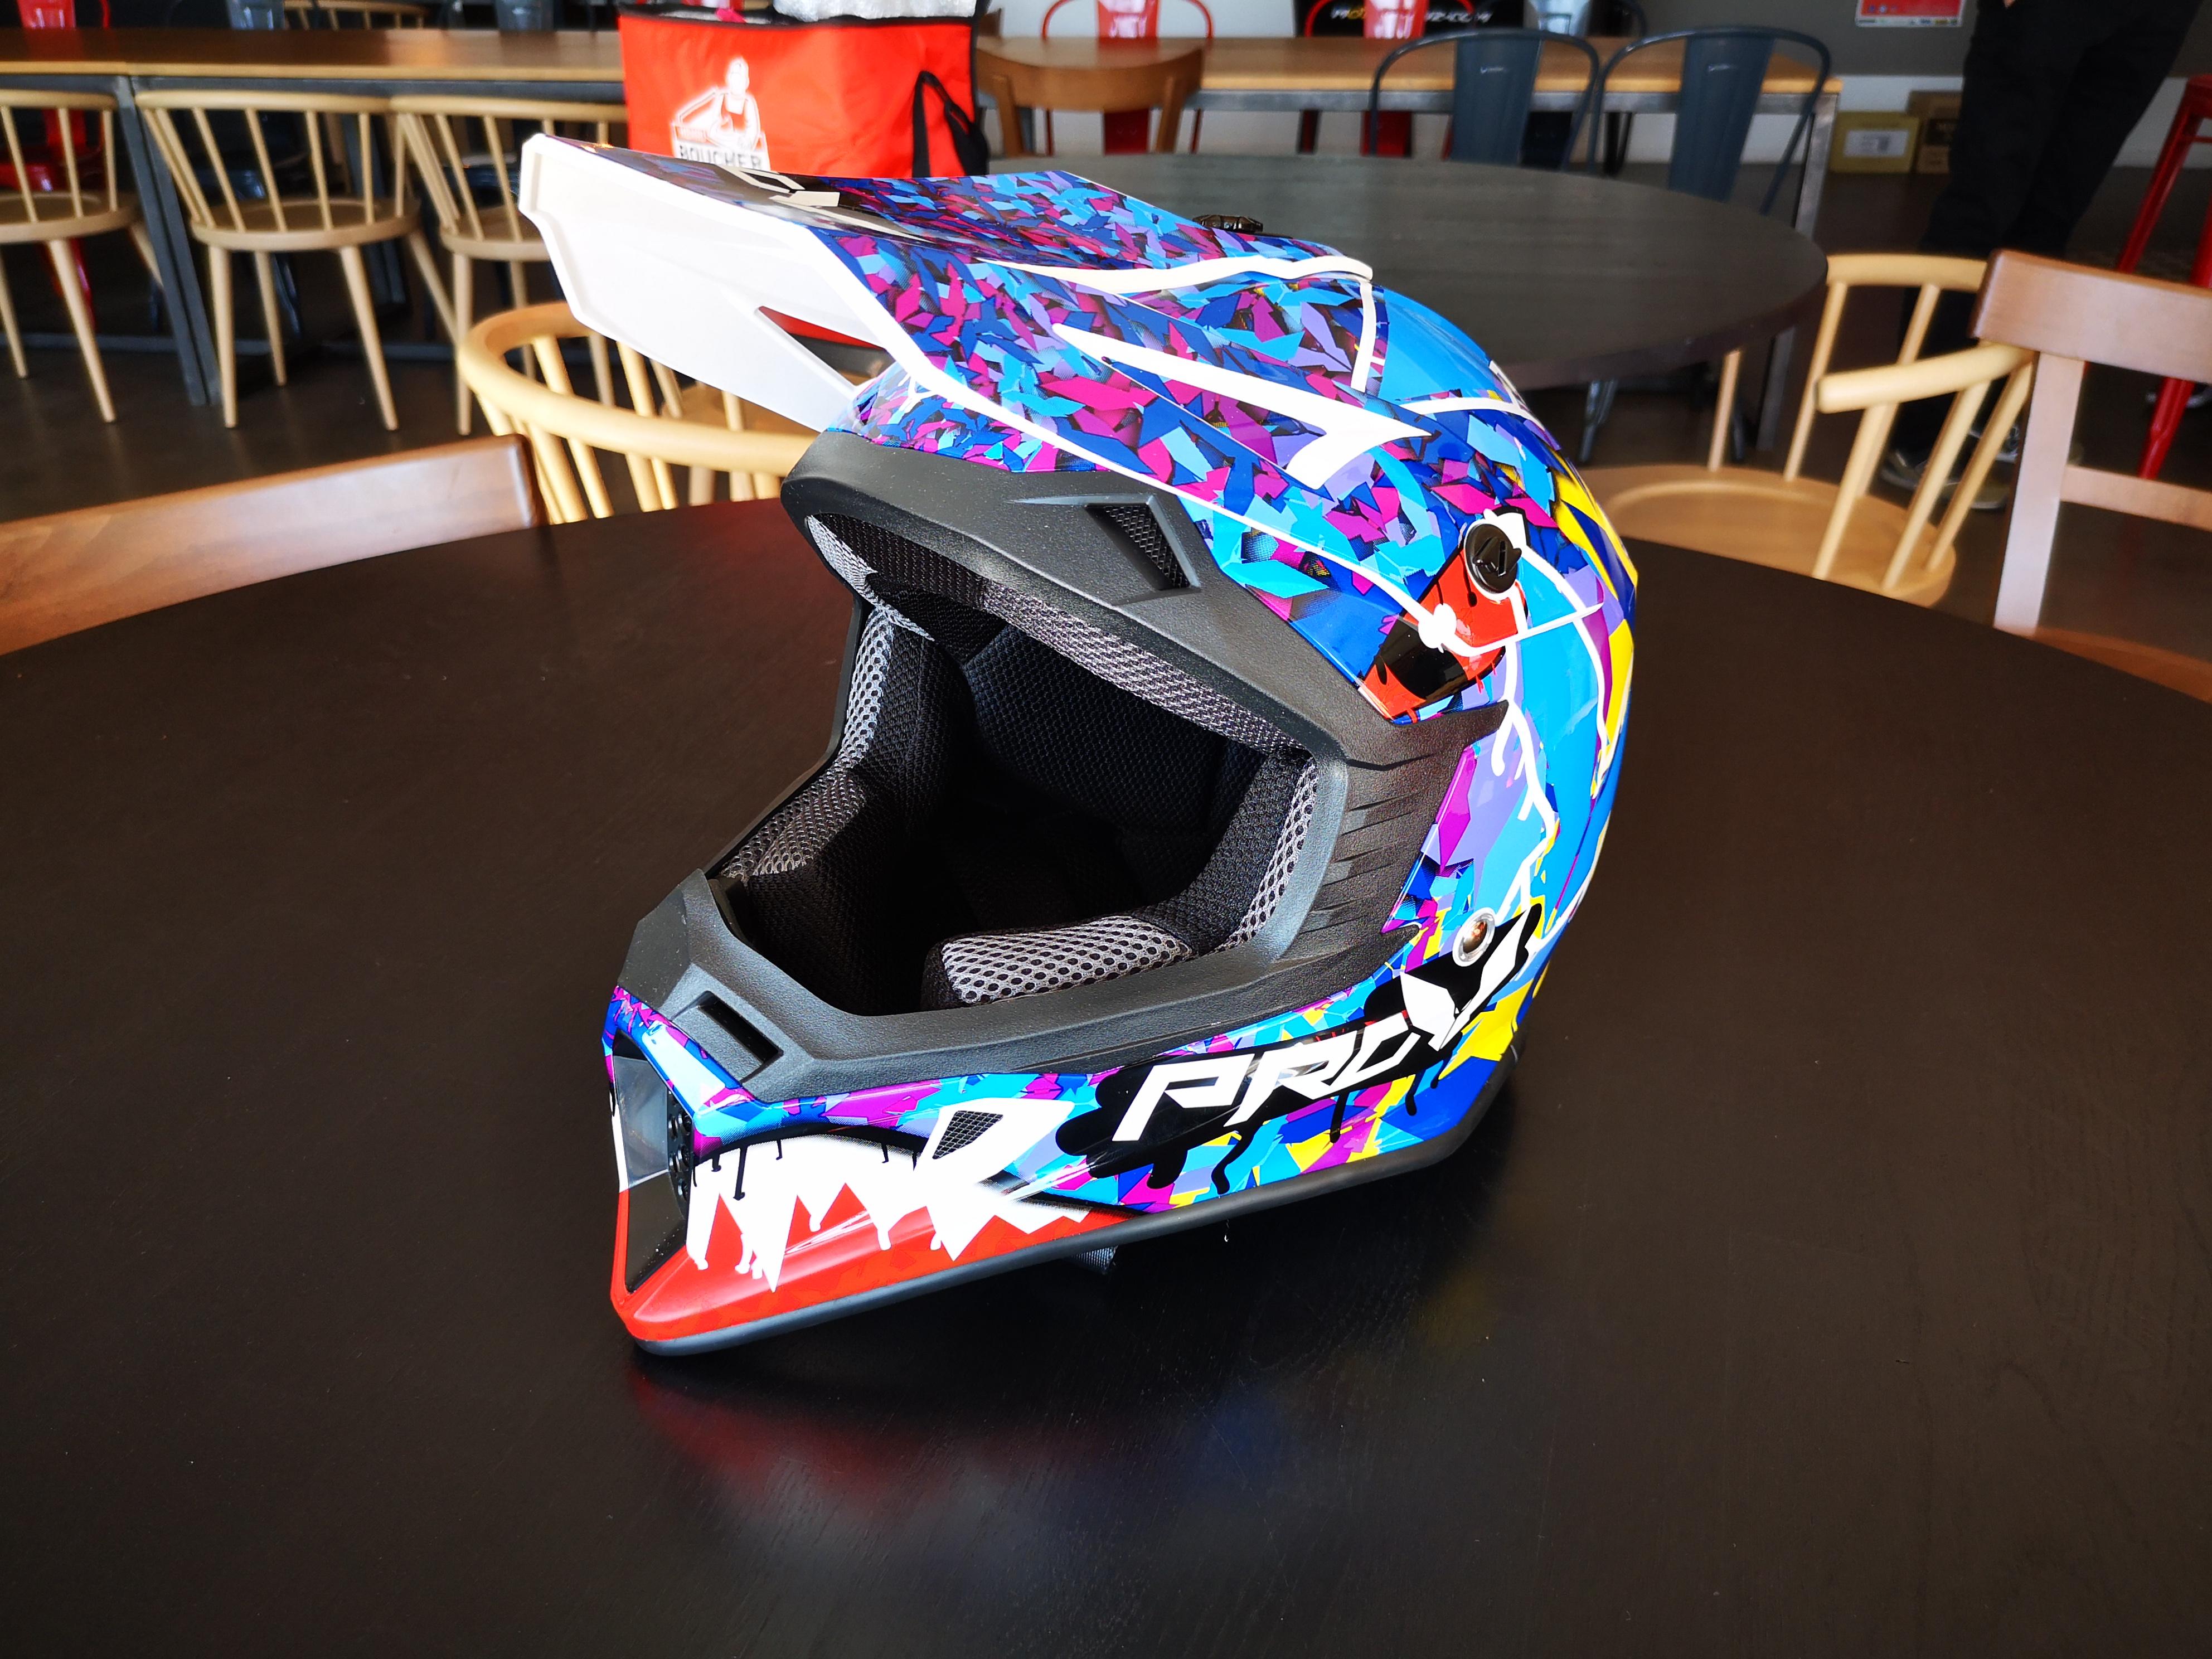 L'un des design gagnants du concours Pimp My Helmet